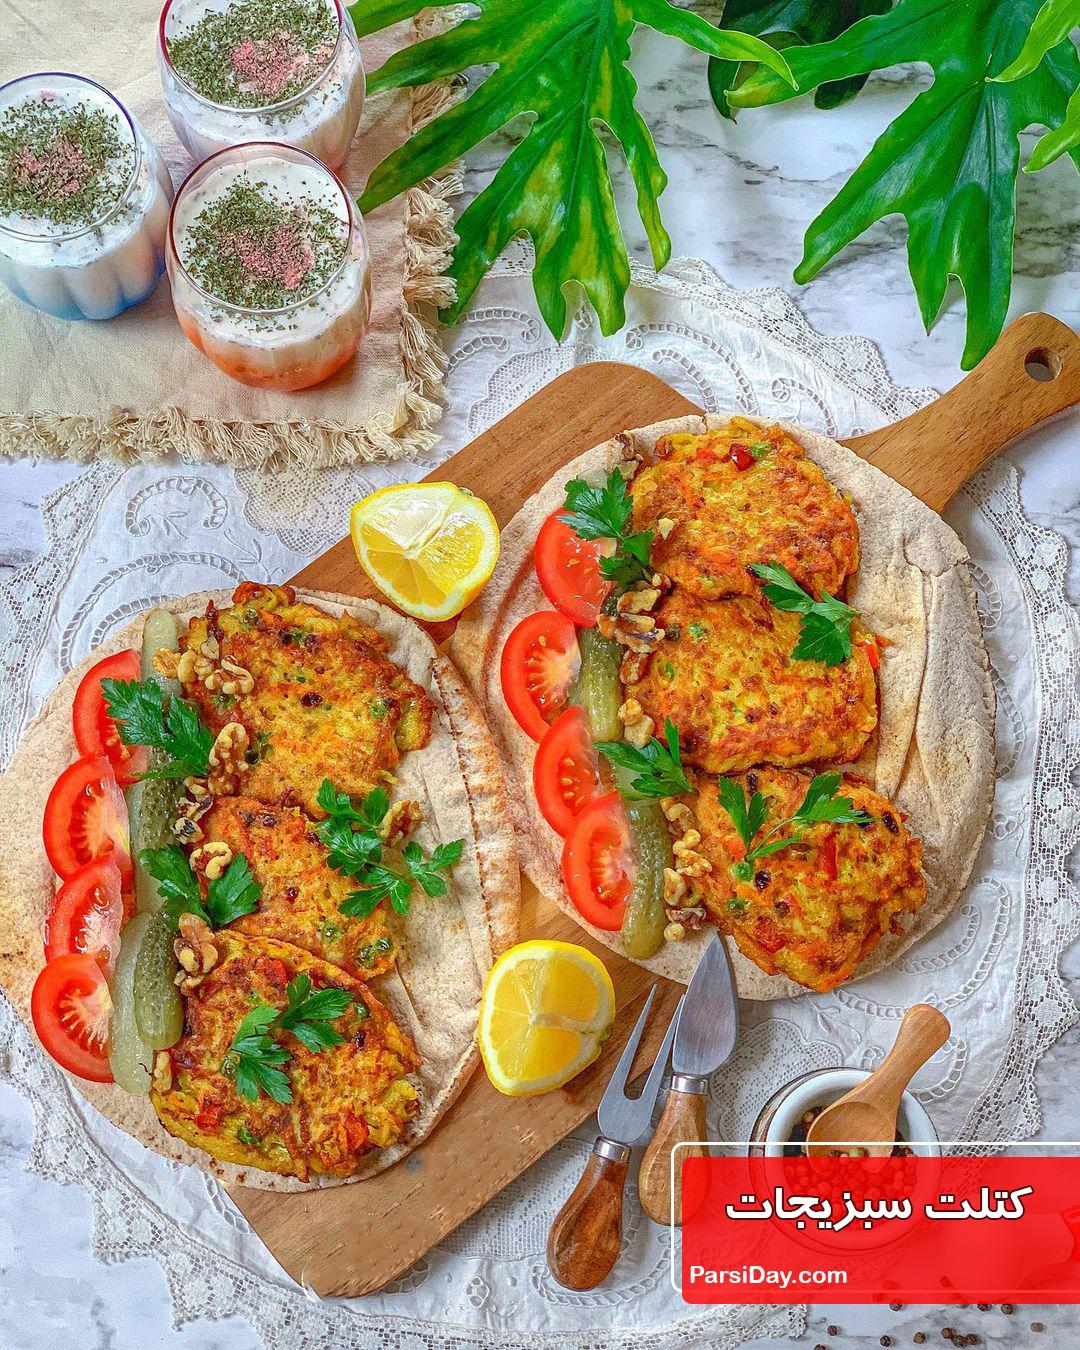 طرز تهیه کتلت سبزیجات و سیب زمینی خانگی و رژیمی و خوشمزه